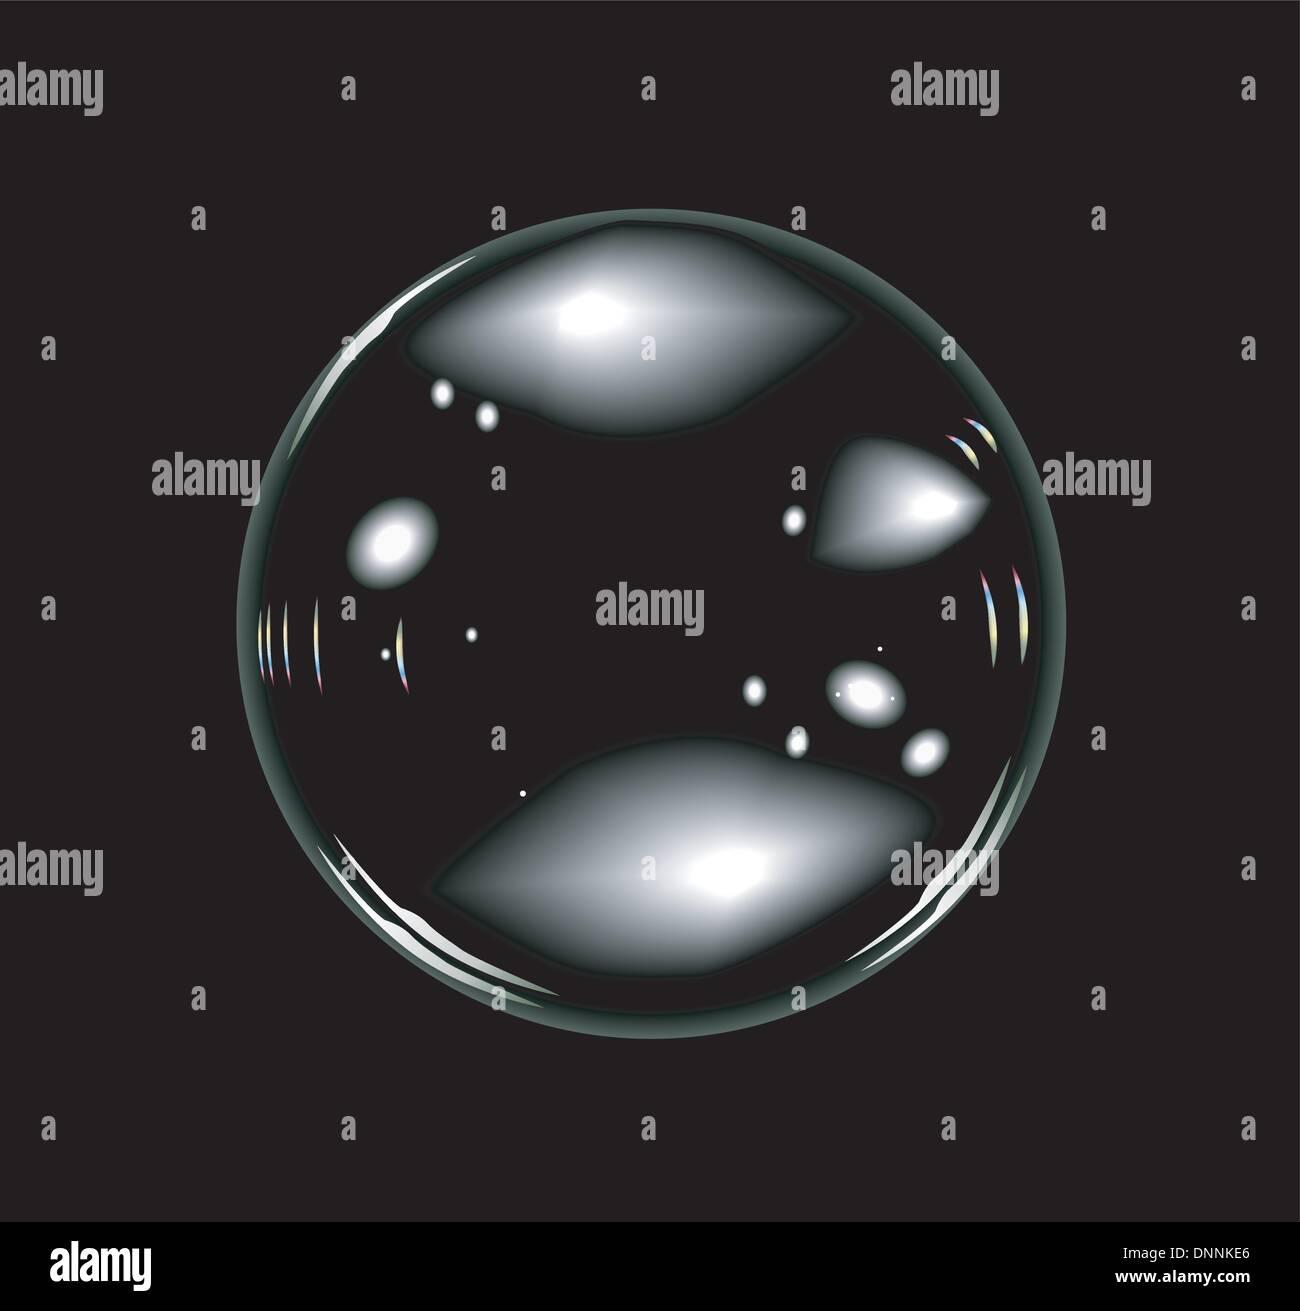 Vektor der Seifenblasen auf Balck Hintergrund. Keine Transparenz und Effekte. Stockbild